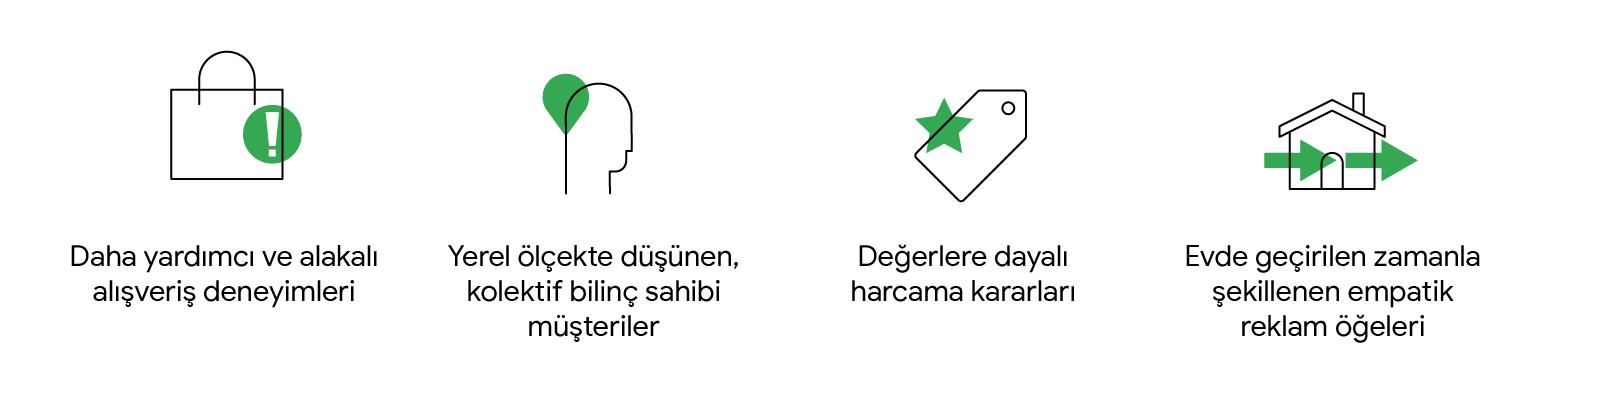 4 simge, COVID dönemine ait kalıcı trendleri temsil ediyor. Alışveriş çantası: yardımcı, alakalı alışveriş deneyimleri. Kalp taşıyan insan: yerel düşünen, bilinçli müşteriler. Fiyat etiketi ve yıldız: değerlere dayalı harcama. Ev: evde geçirilen zamanla ş